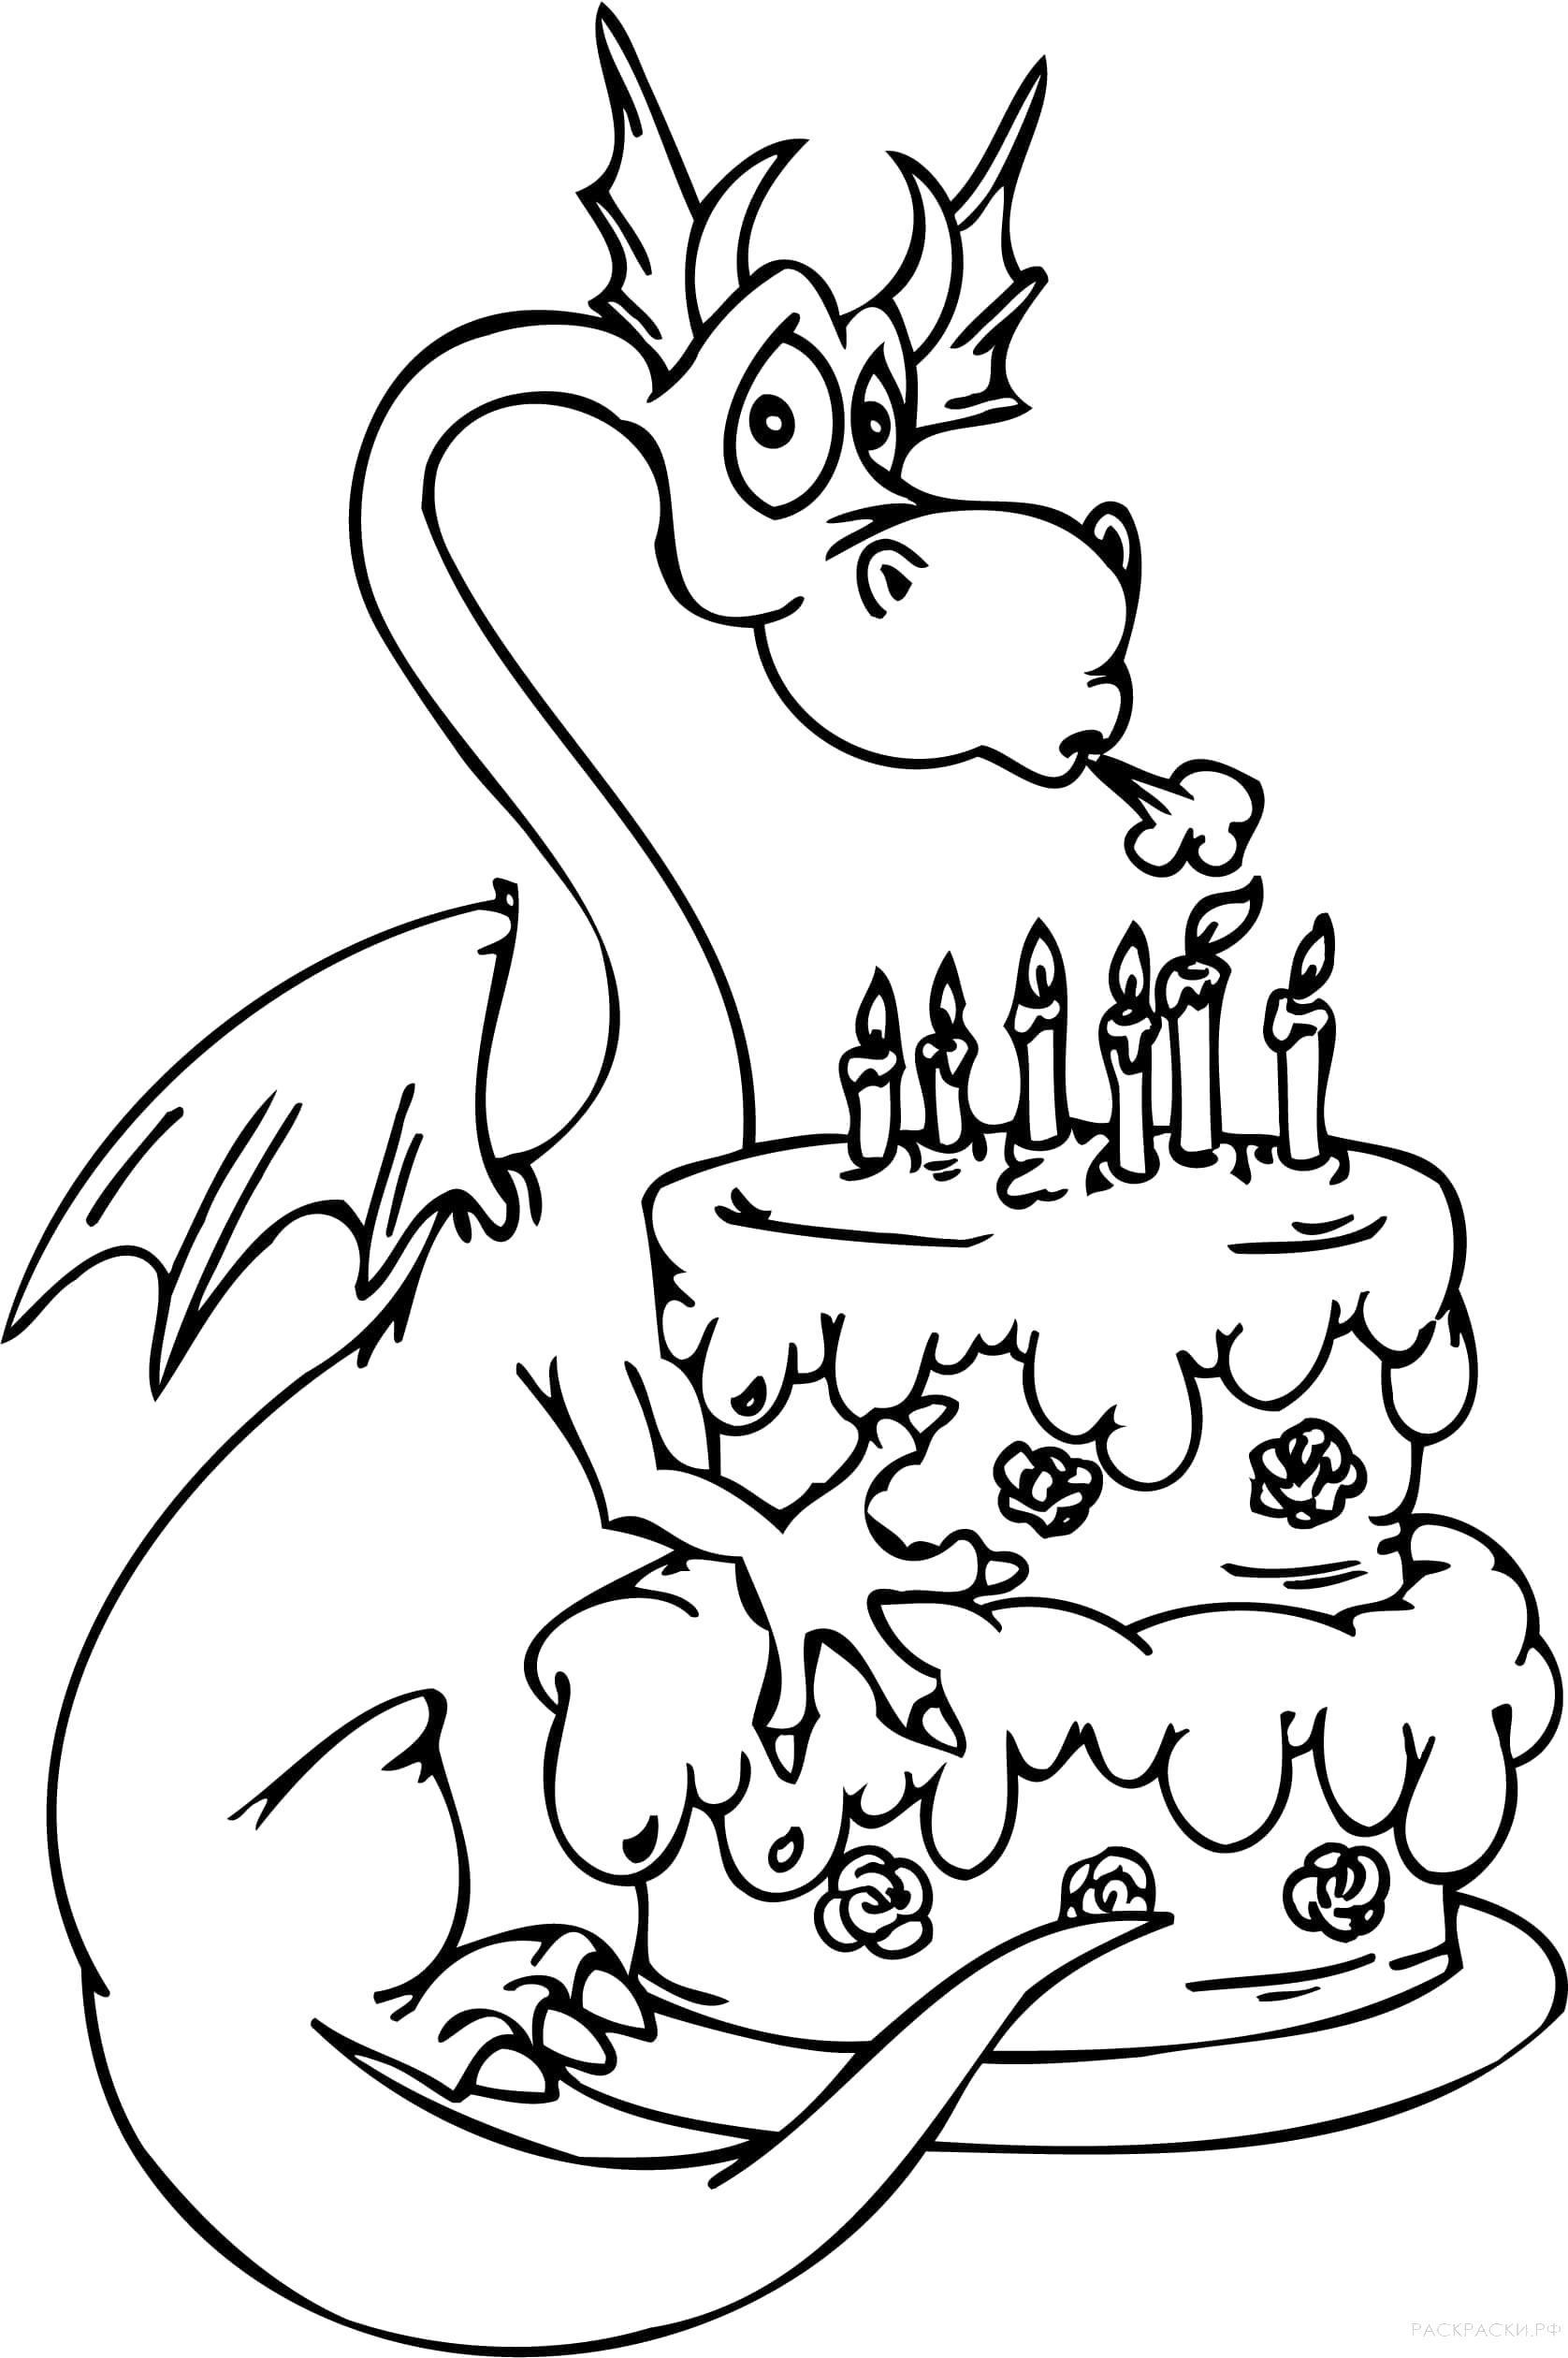 Раскраска  Дракон задувает свечи на торте. Скачать дракон.  Распечатать дракон